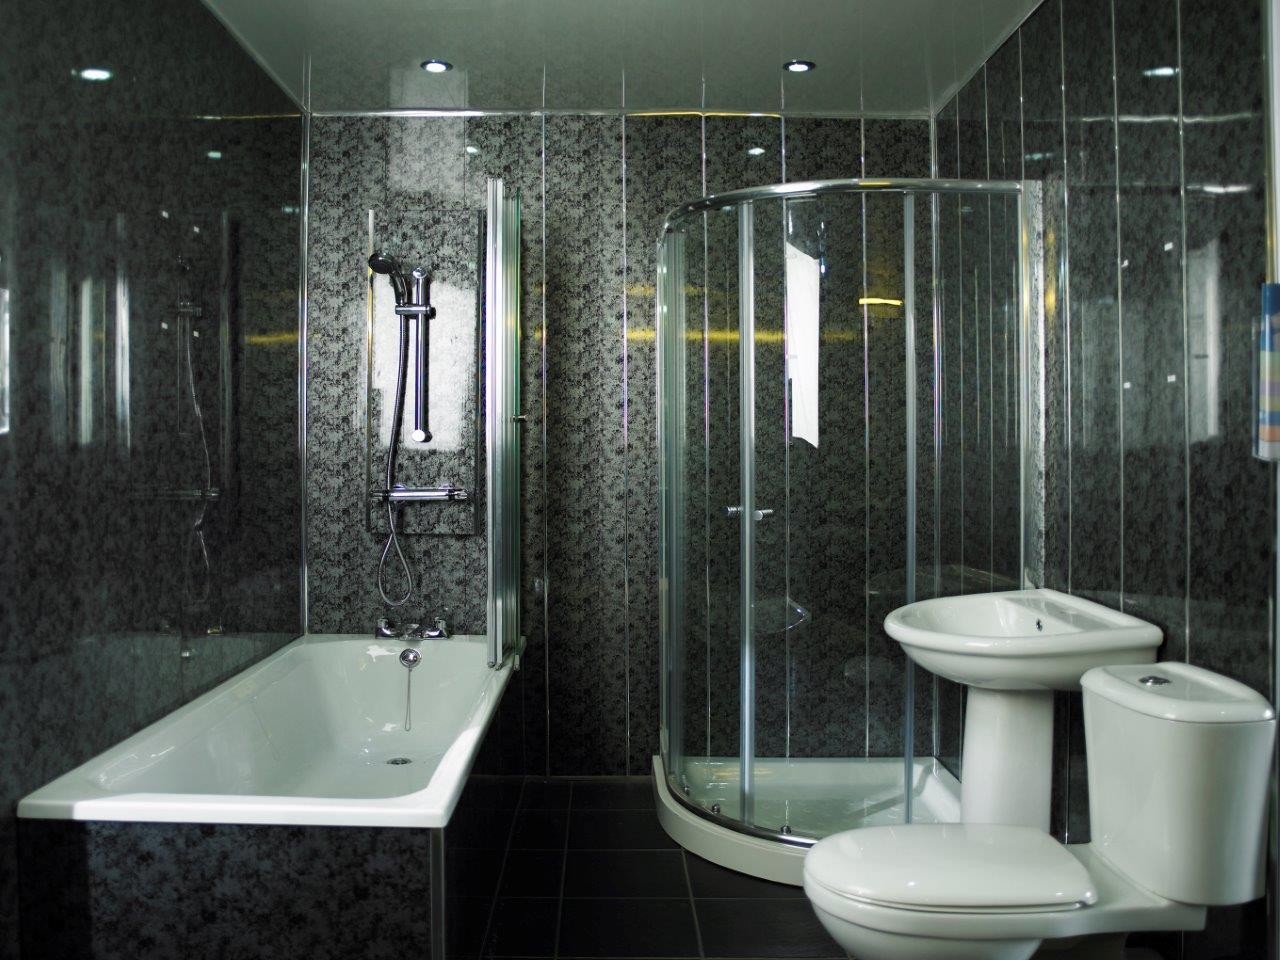 Стеновые панели для комнаты купить в Москве фото,цена ...